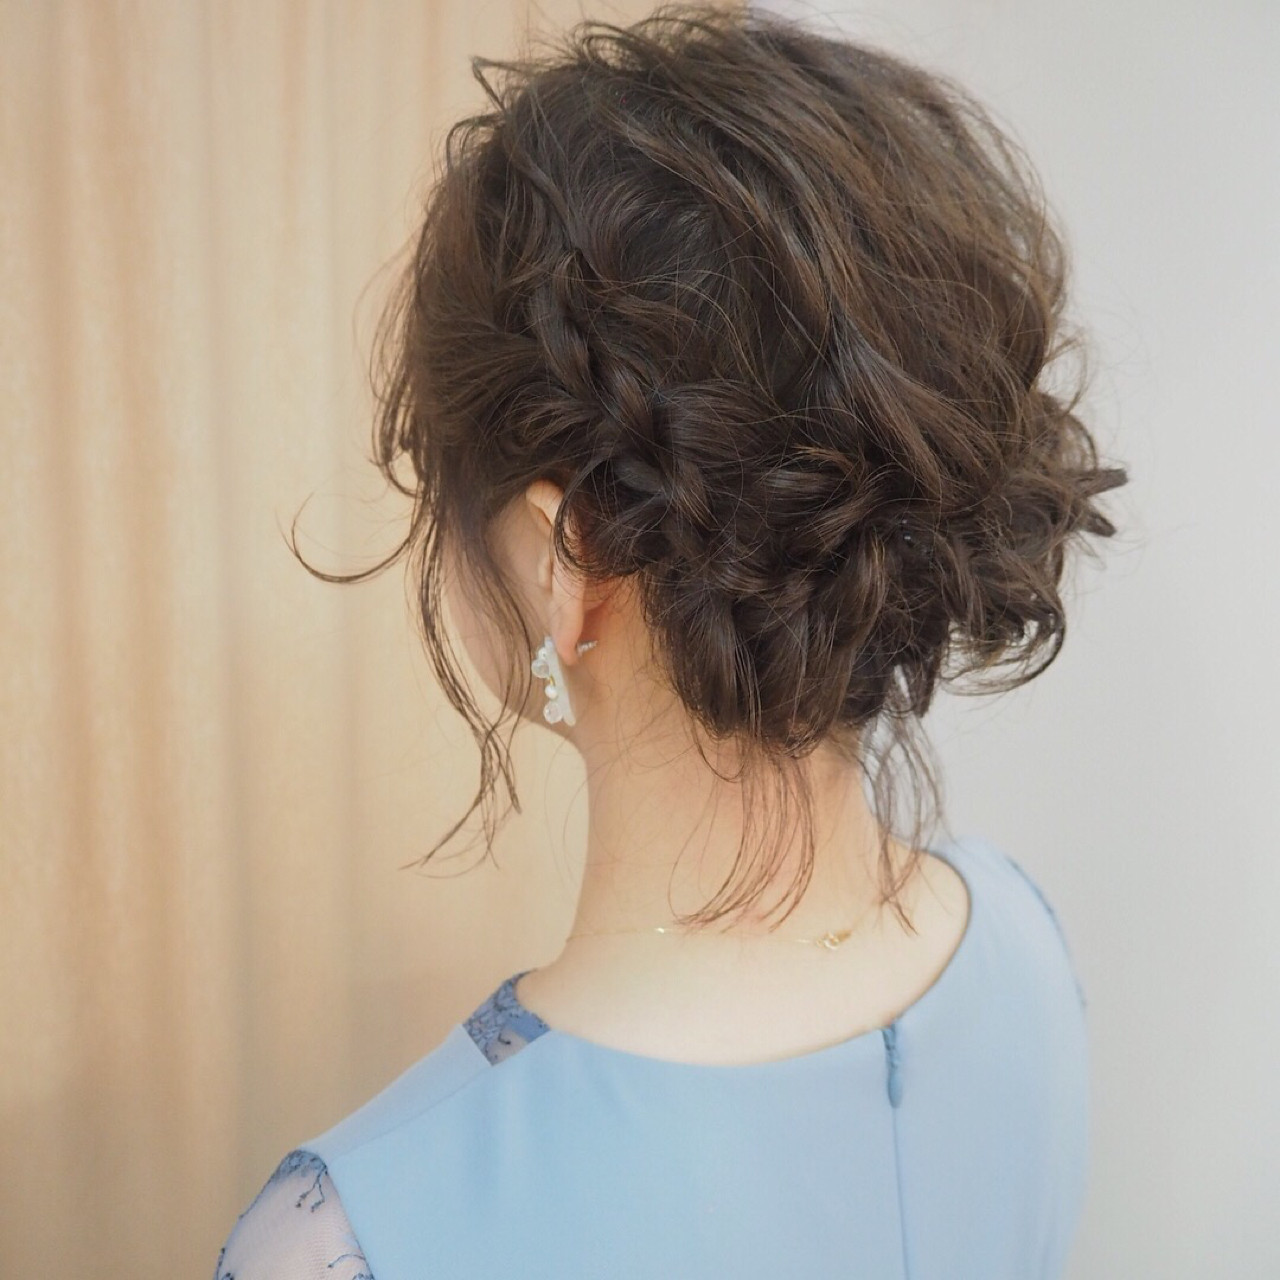 デート 結婚式 ナチュラル ボブ ヘアスタイルや髪型の写真・画像